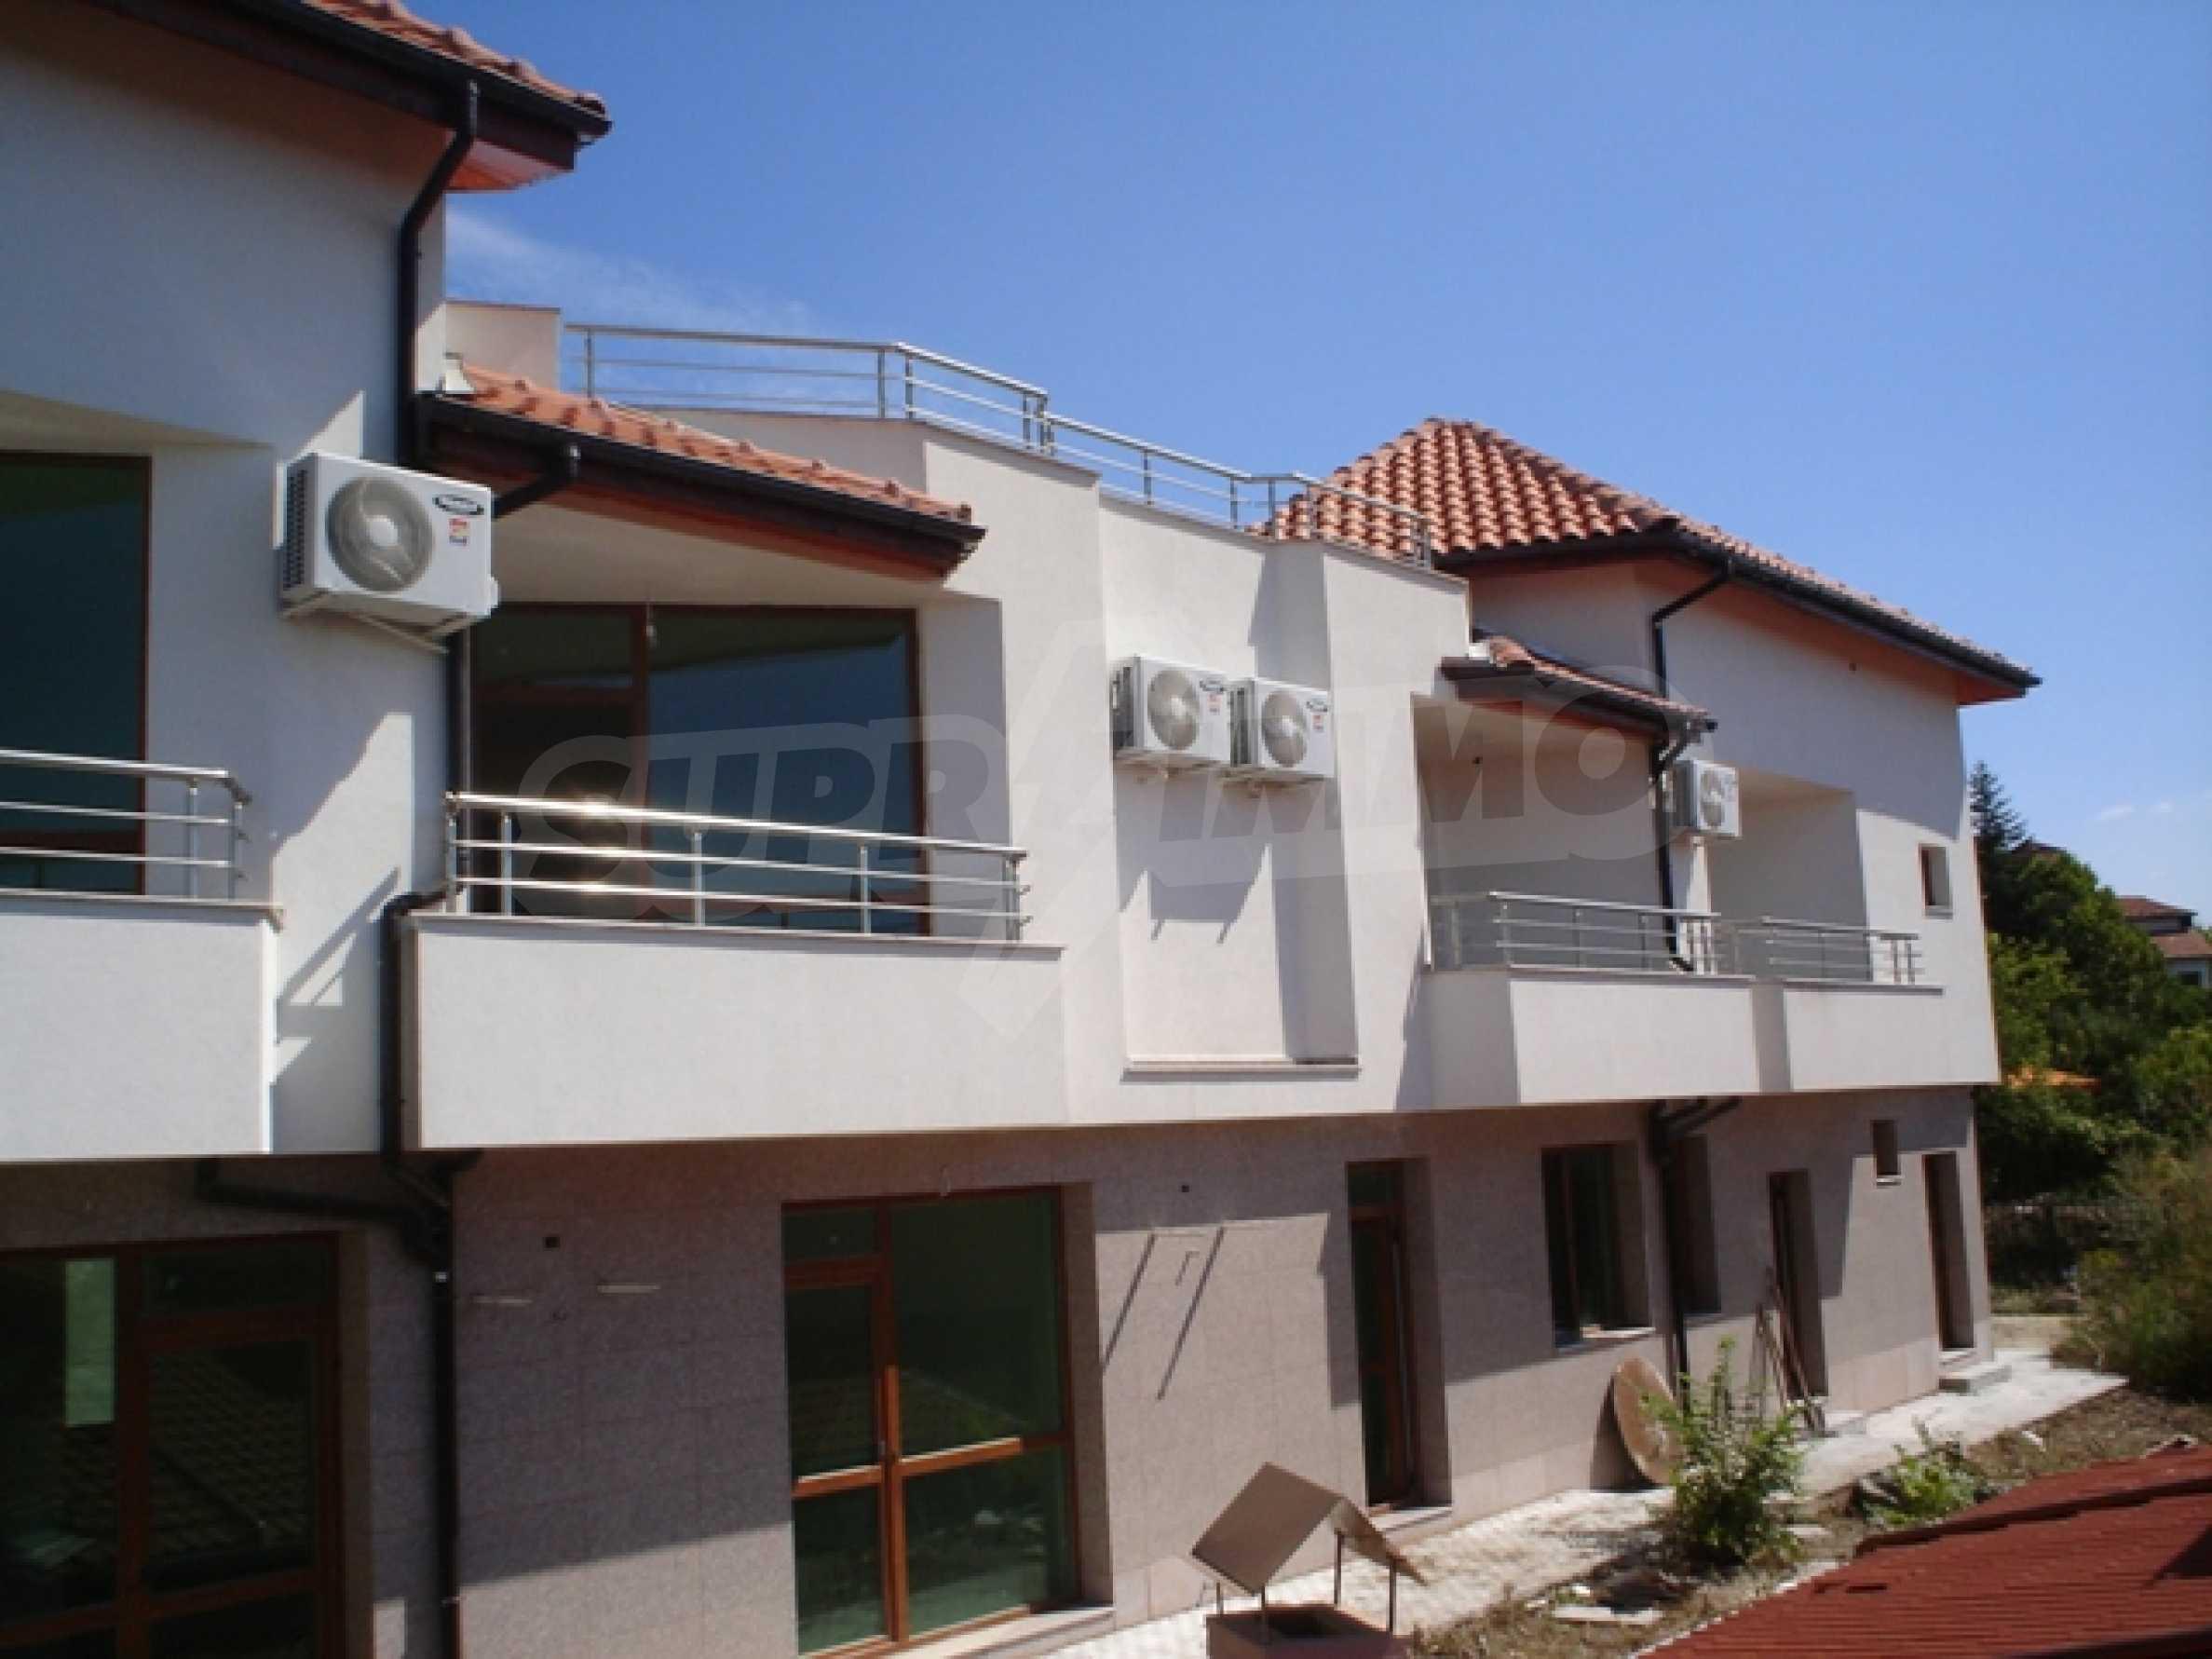 Haus mit zwei Türmen